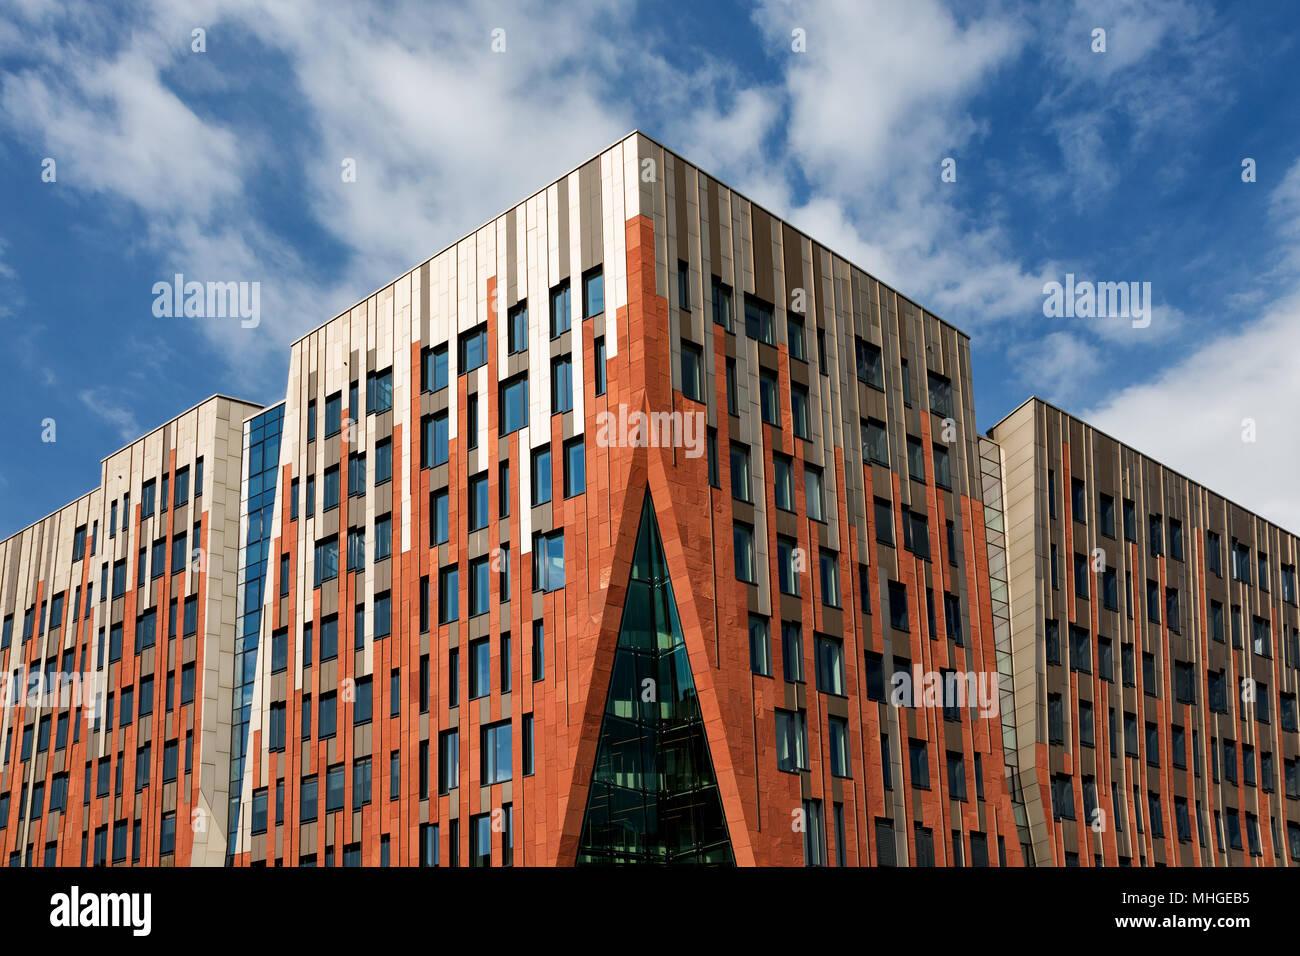 Free and Hanseatic City of Hamburg. Freie und Hansestadt Hamburg. Stock Photo